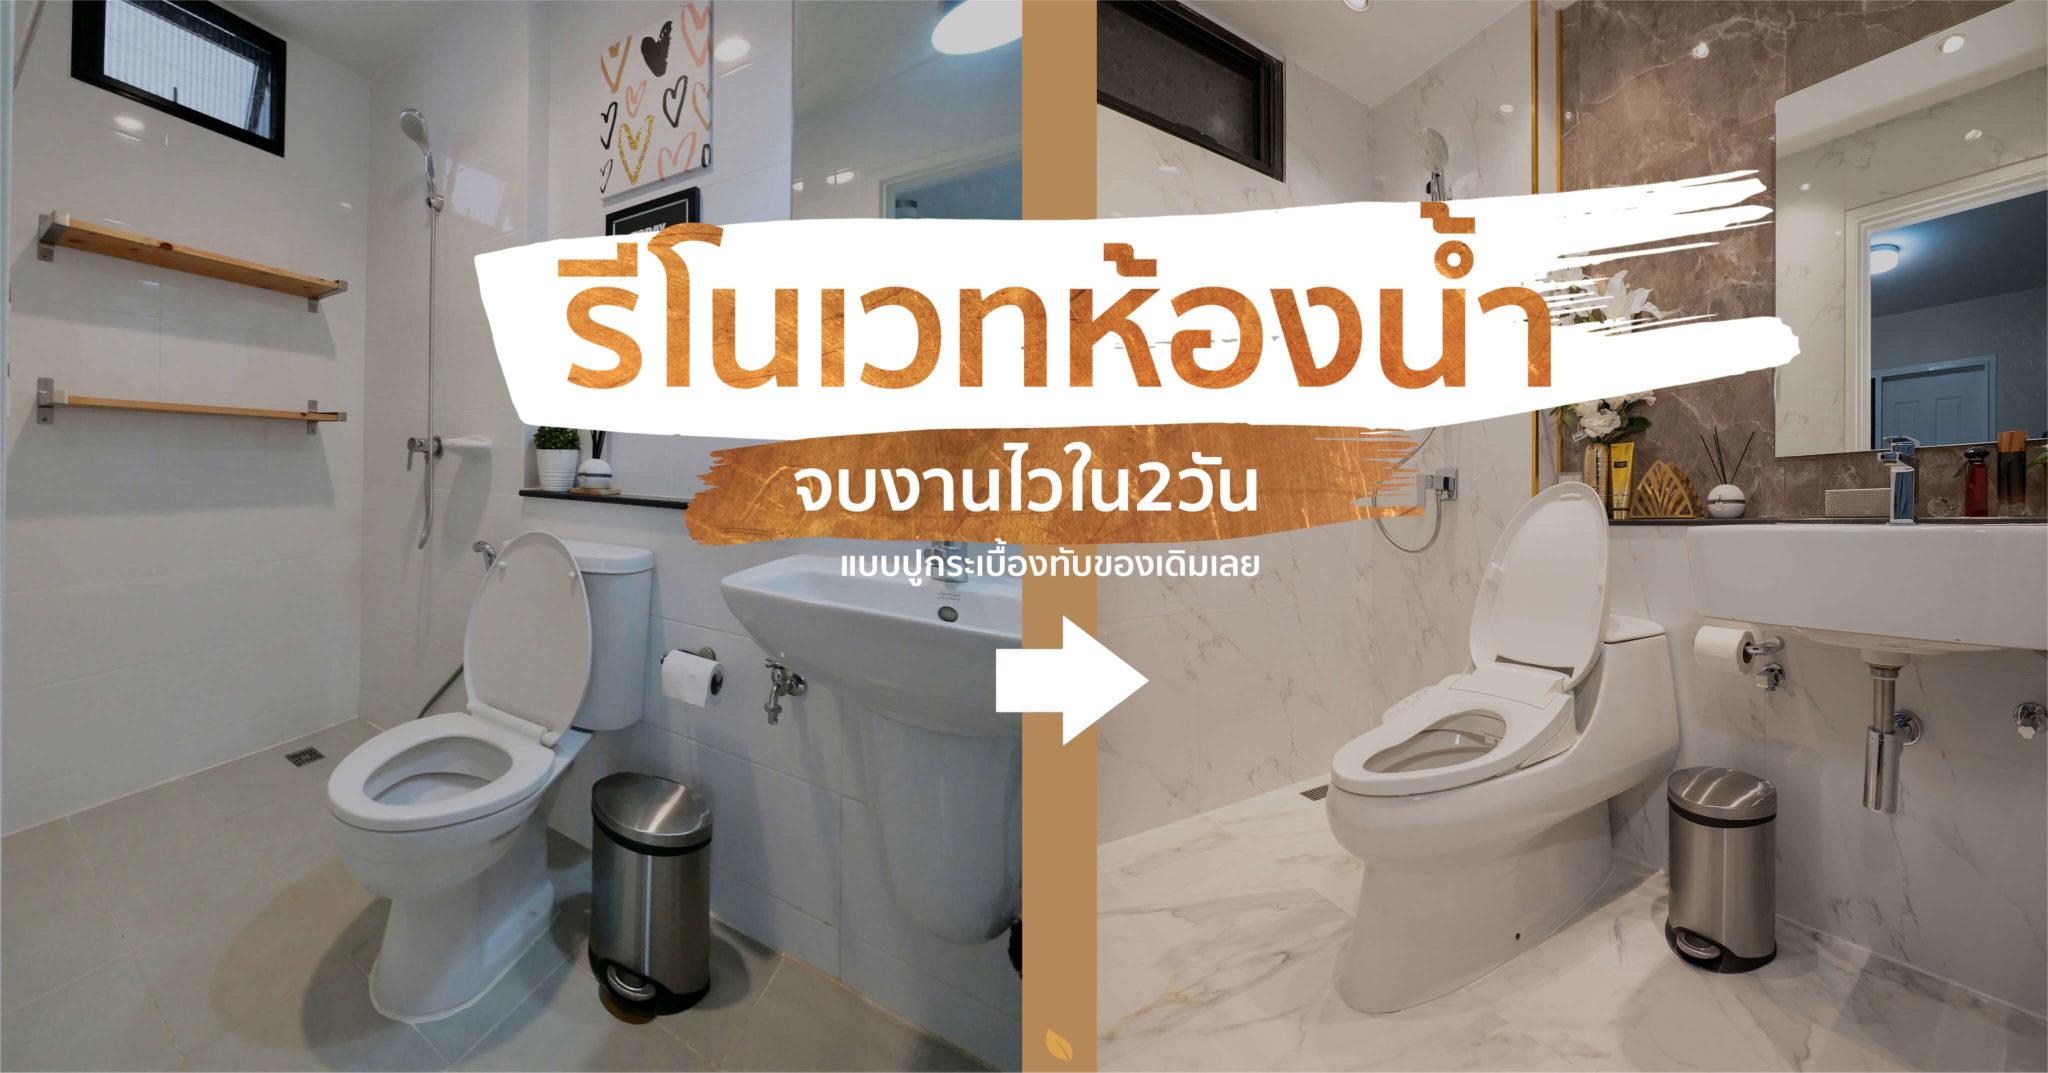 """4 ขั้นตอน """"รีโนเวทห้องน้ำขนาดเล็ก"""" ให้สวยใหม่ จบงานไวใน 2 วัน แบบปูกระเบื้องทับ ไม่ต้องรื้อ 13 - bathroom"""